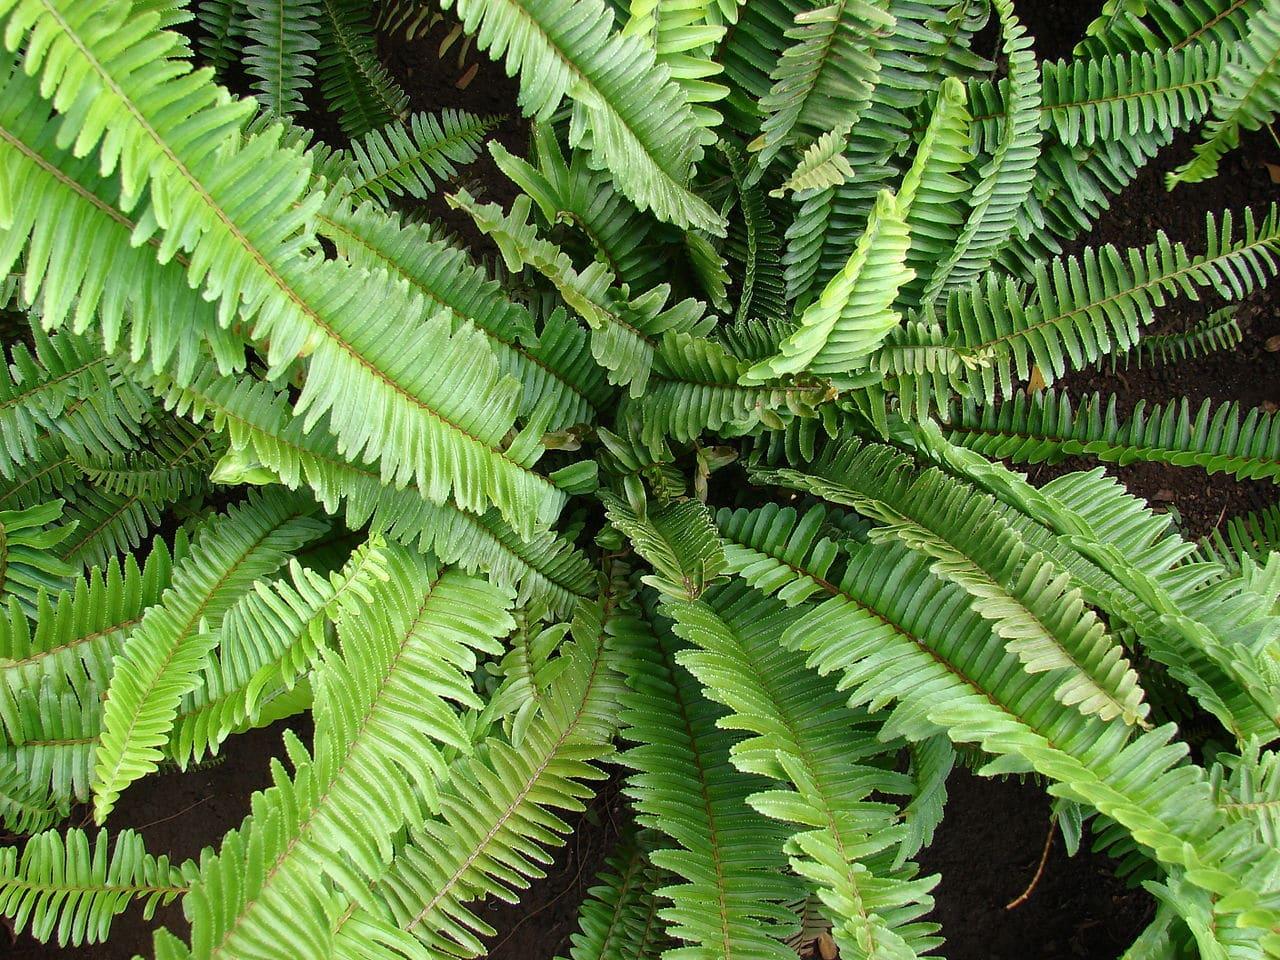 El Nephrolepis cordifolia es una planta verde que absorbe la humedad del ambiente